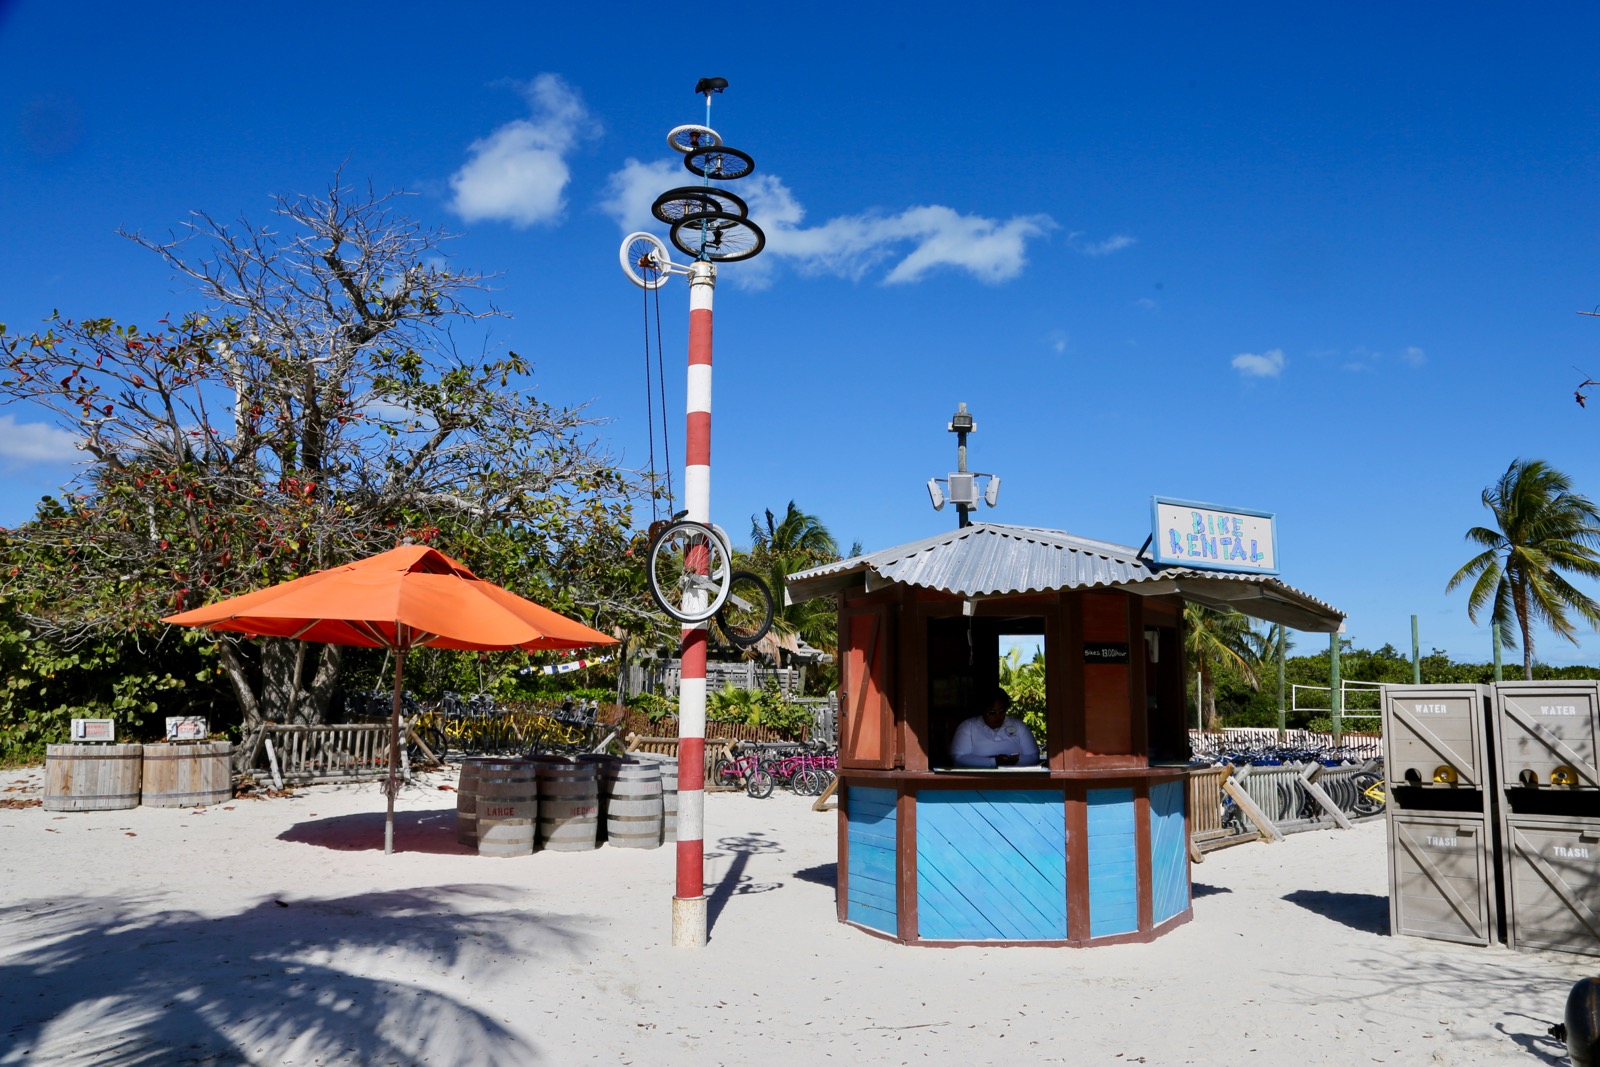 Bike rental shack on Castaway Cay